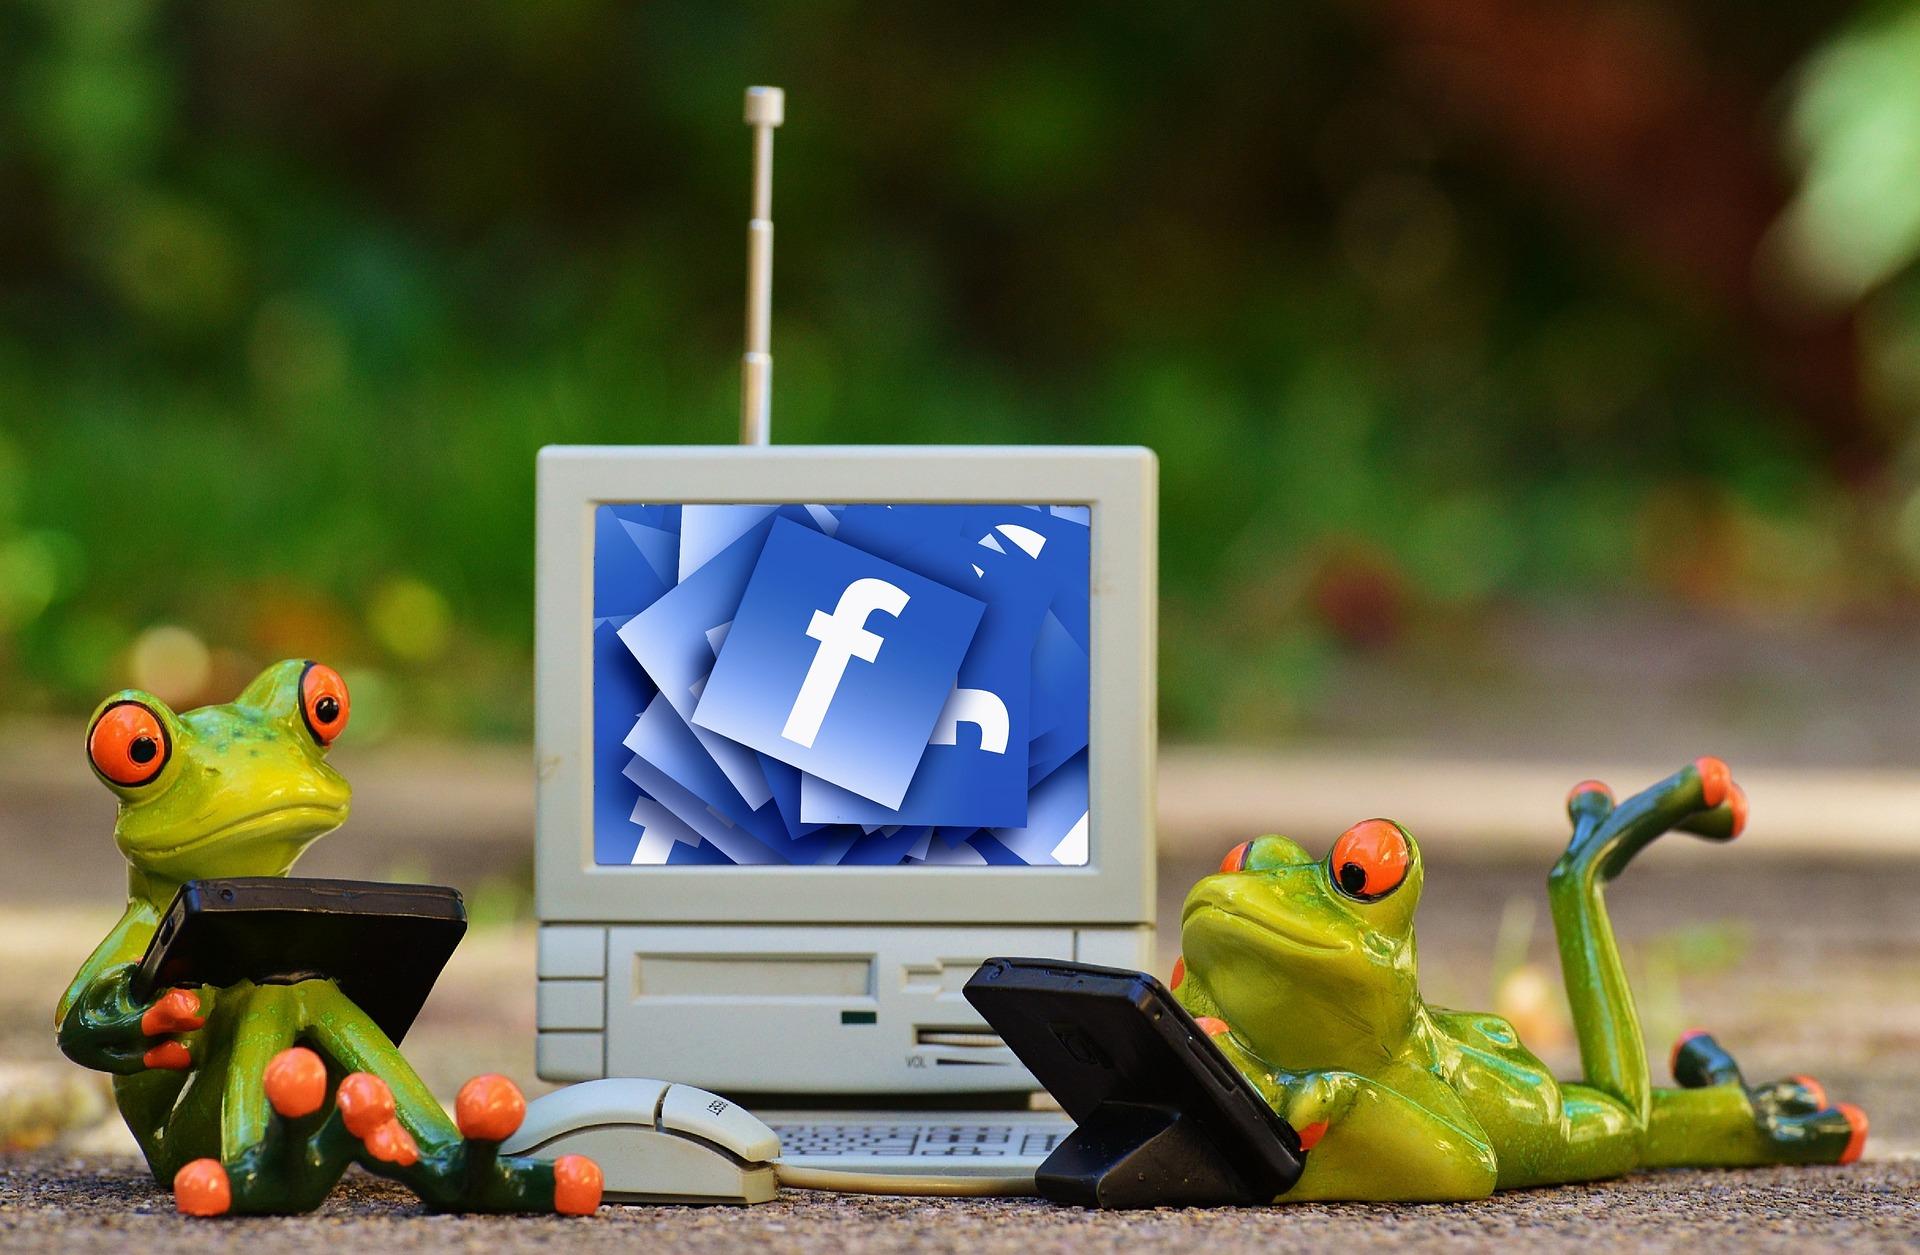 frogs-1037853_1920.jpg